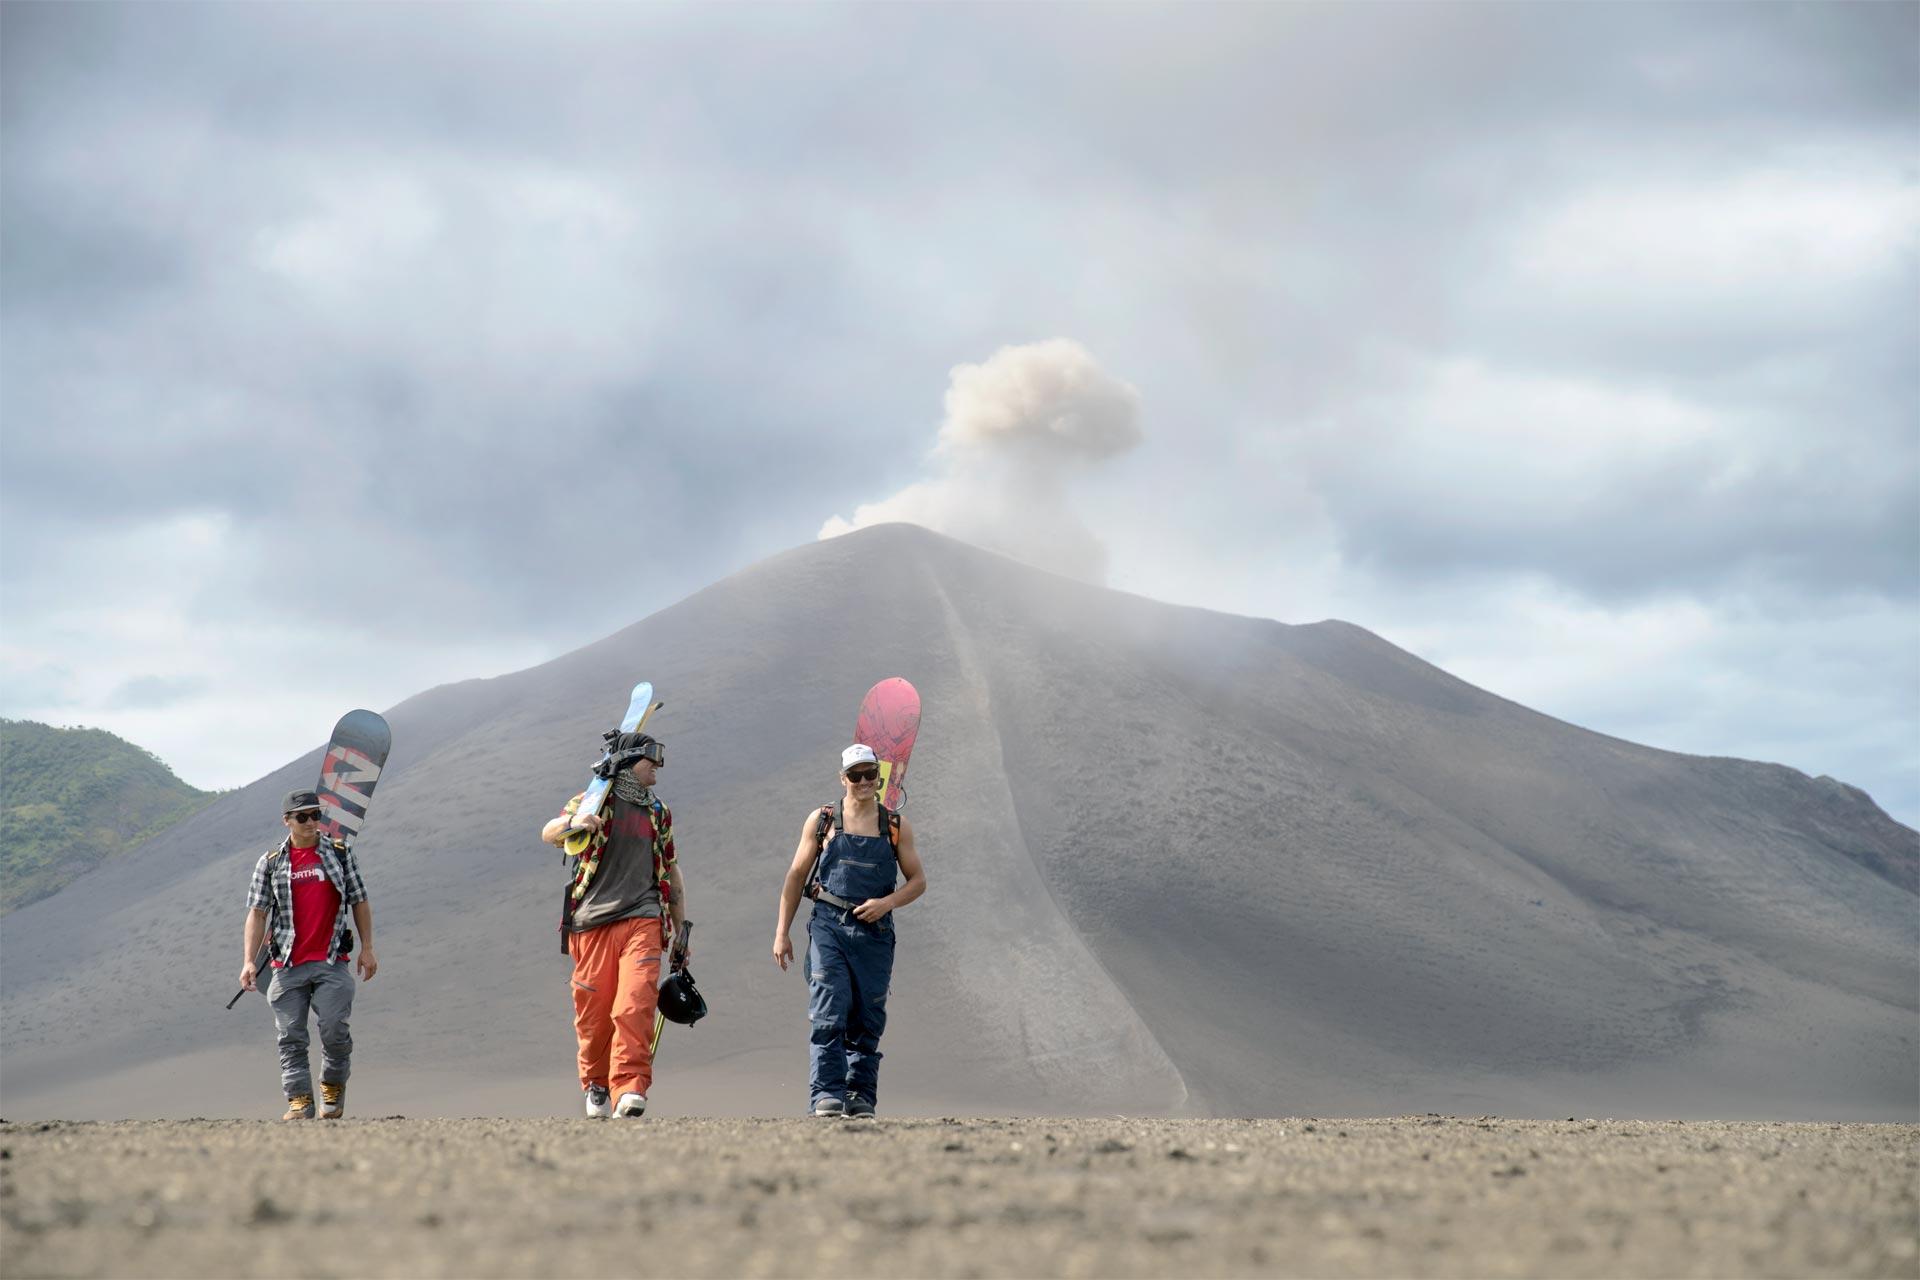 Die drei Rider vor dem beeindruckendem Vulkan - Foto: Collab Creative / The North Face